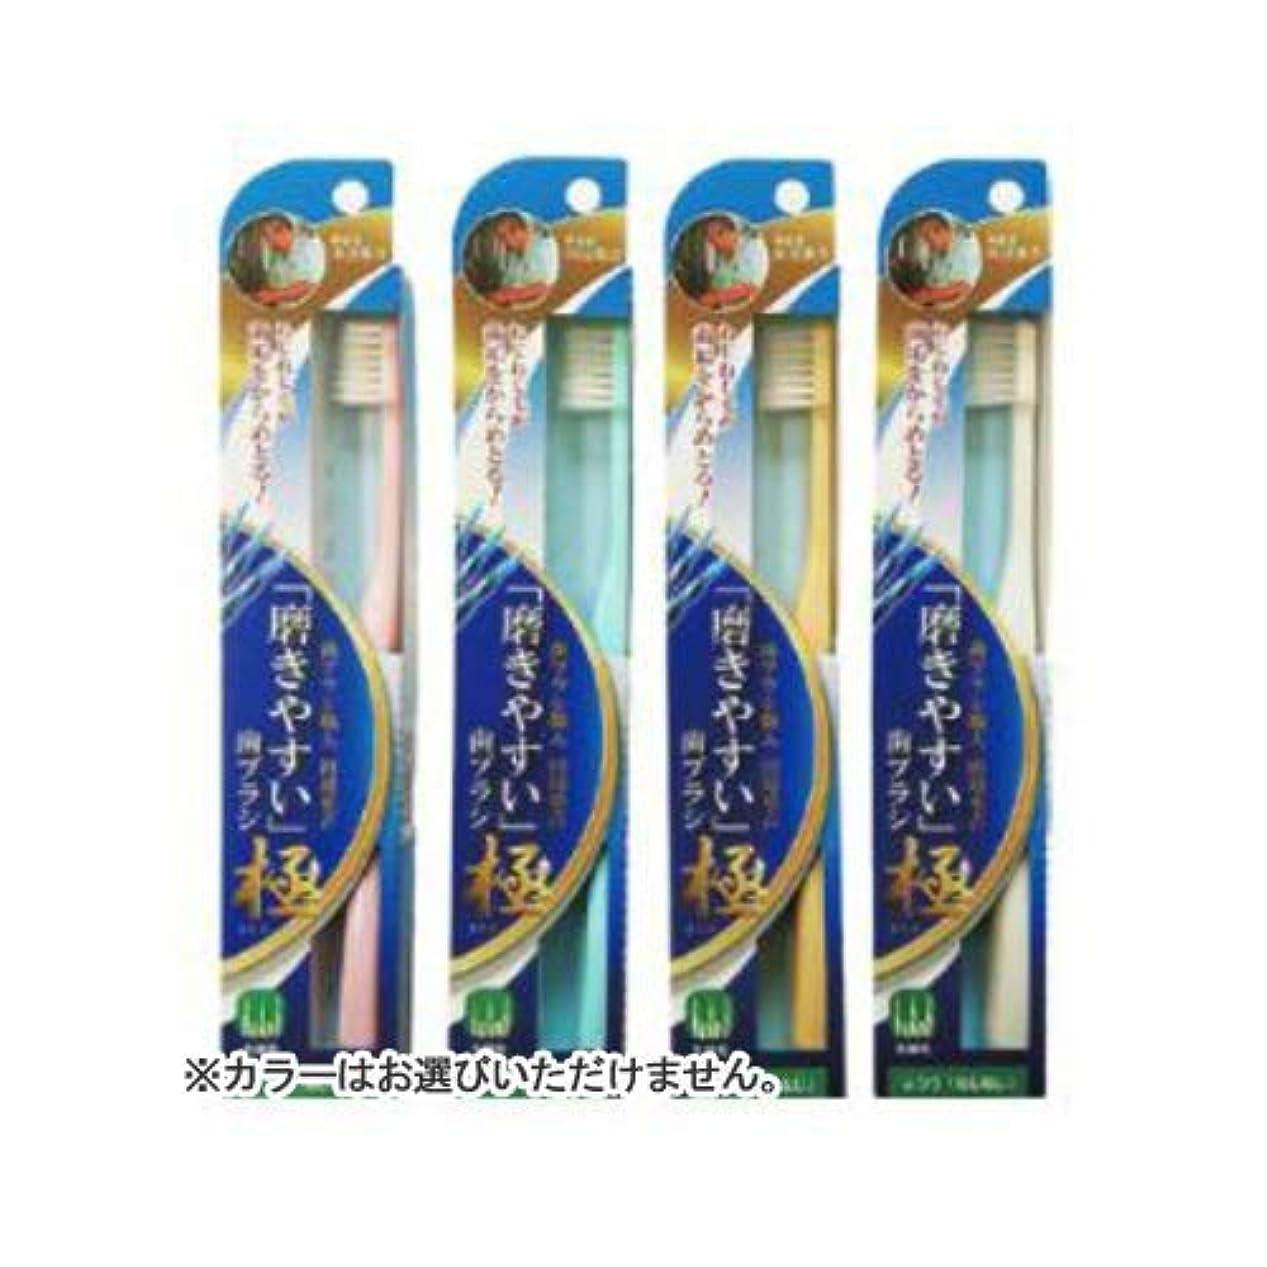 地理安らぎ疼痛LT-45磨きやすい歯ブラシ極 ねじねじ × 10個セット